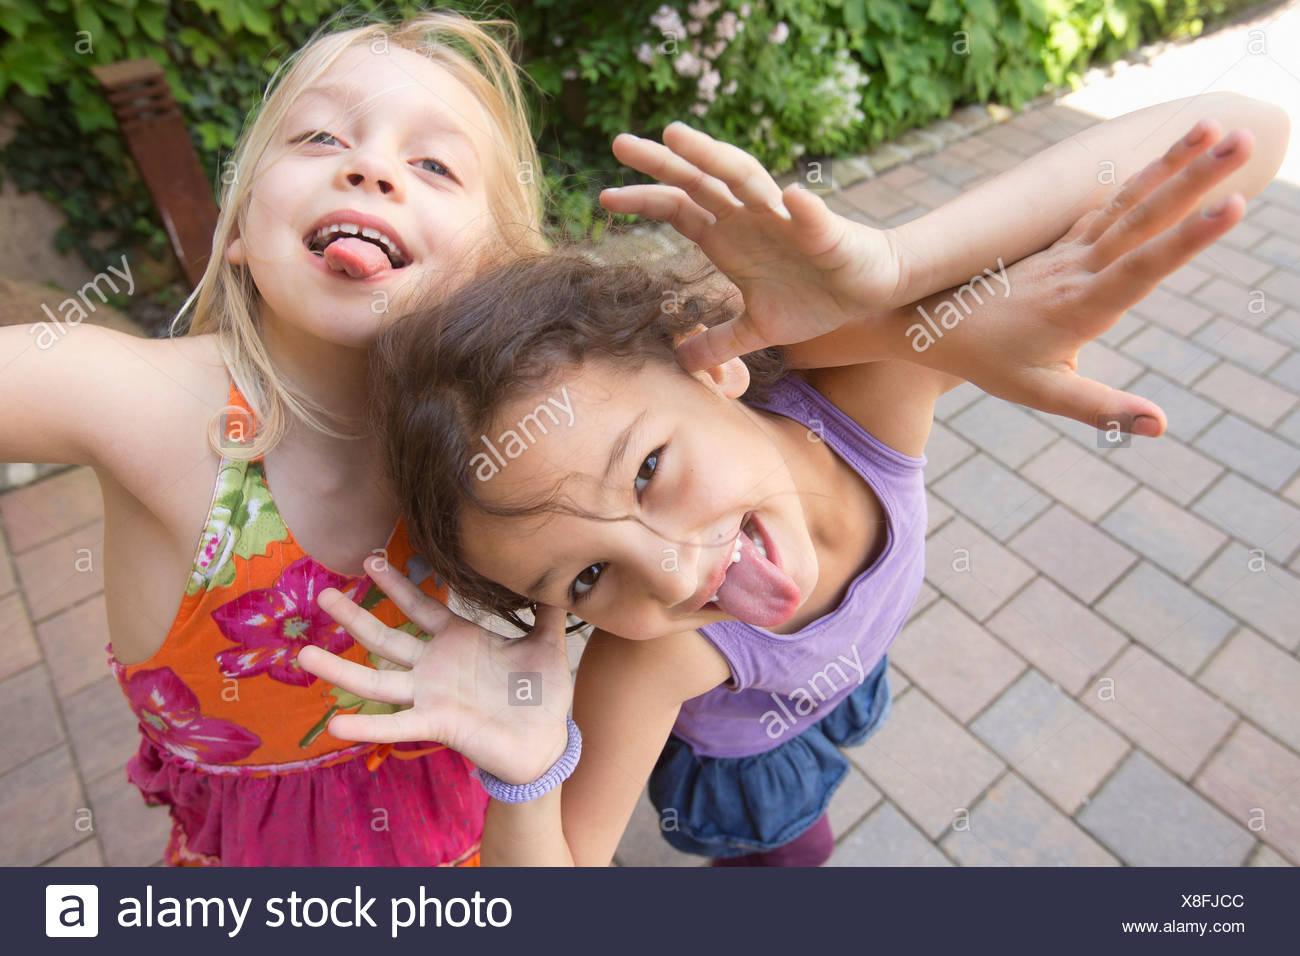 Two girls facial